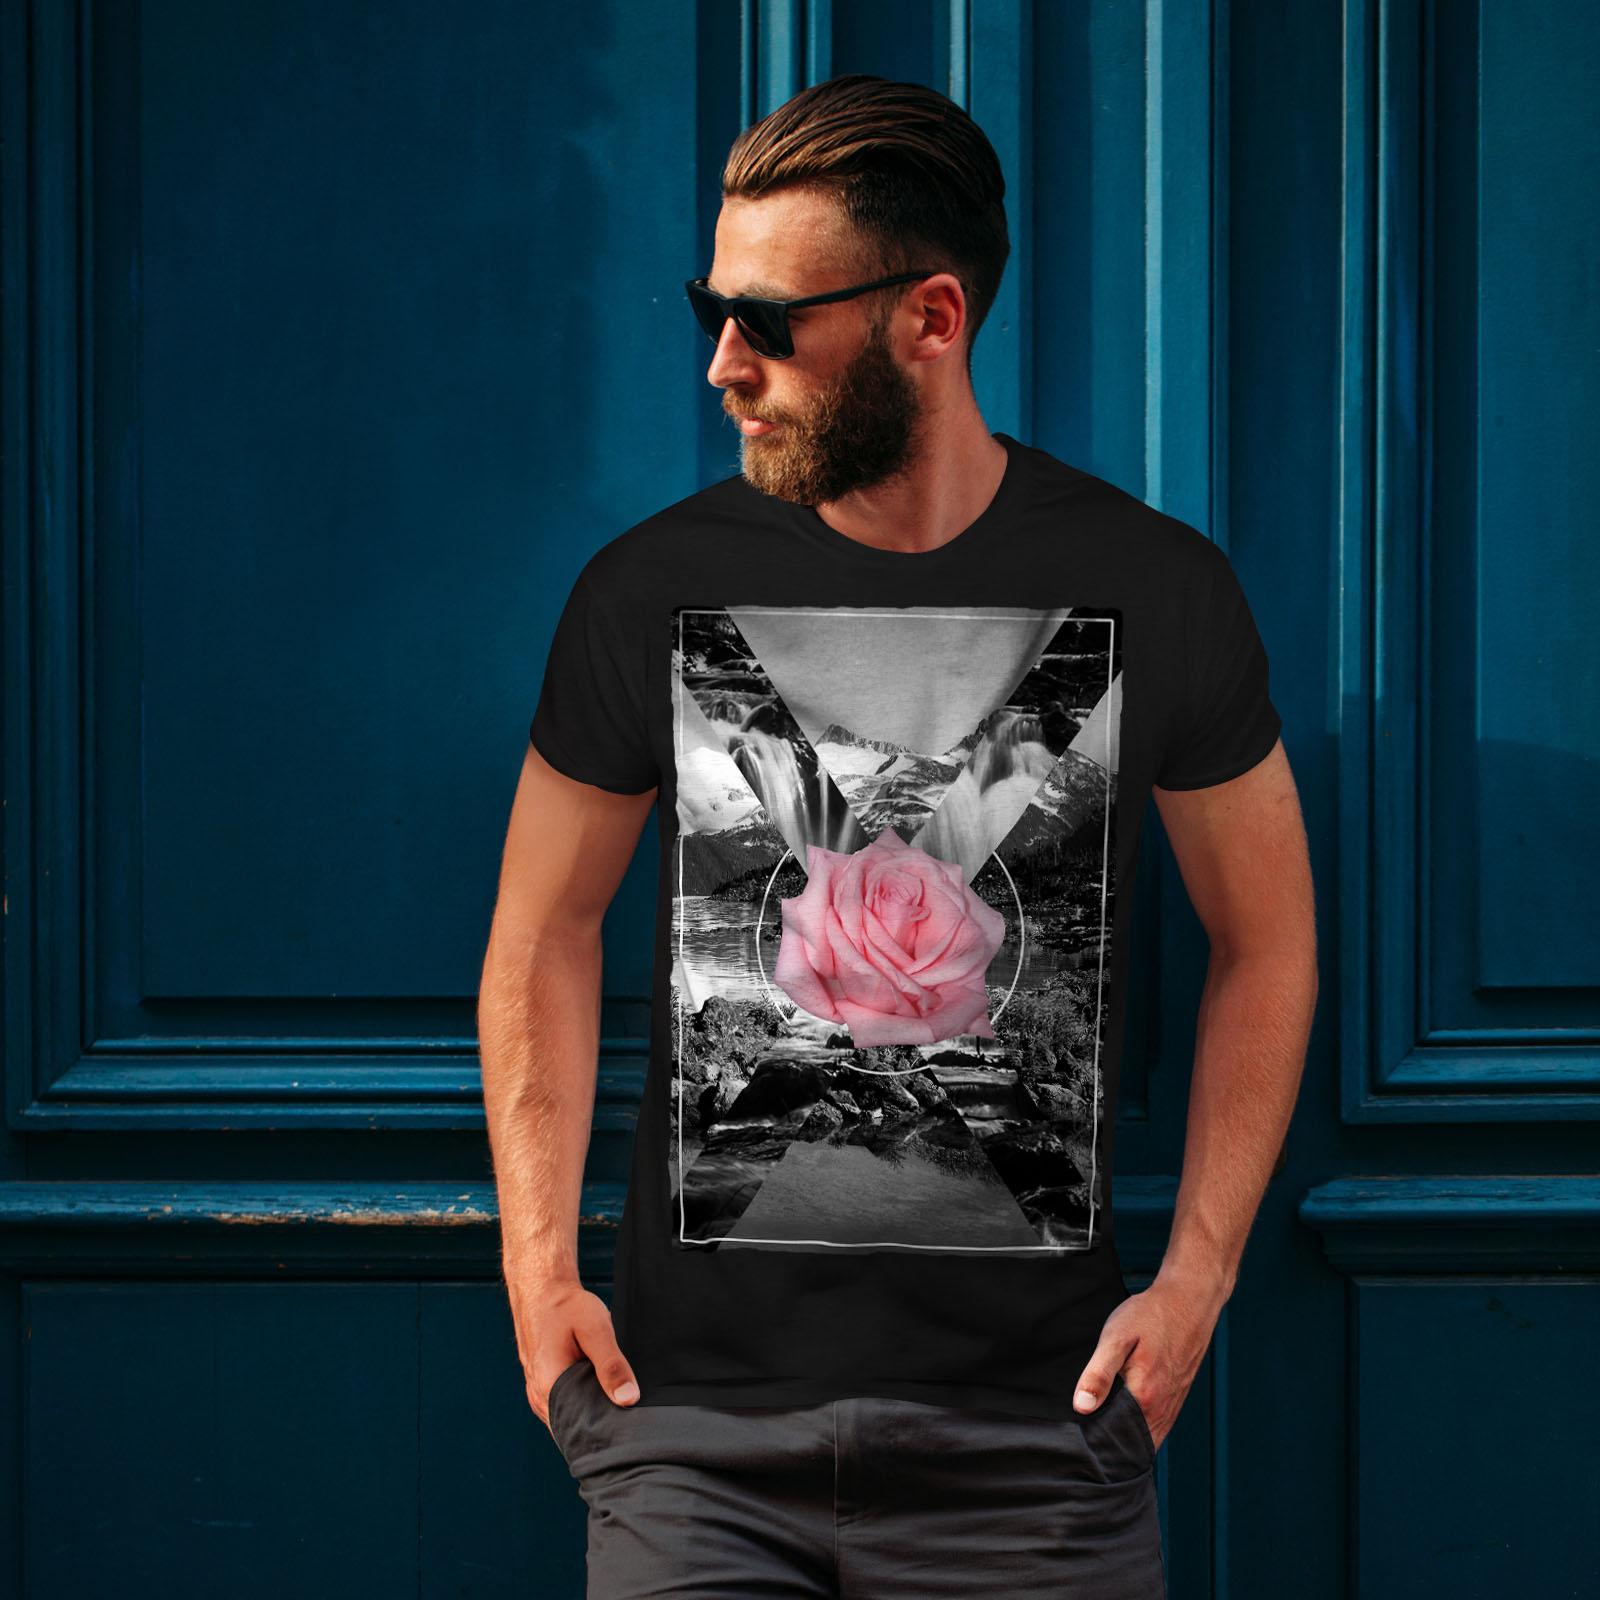 Wellcoda Yellow Rose Photo Mens T-shirt Flower Graphic Design Printed Tee